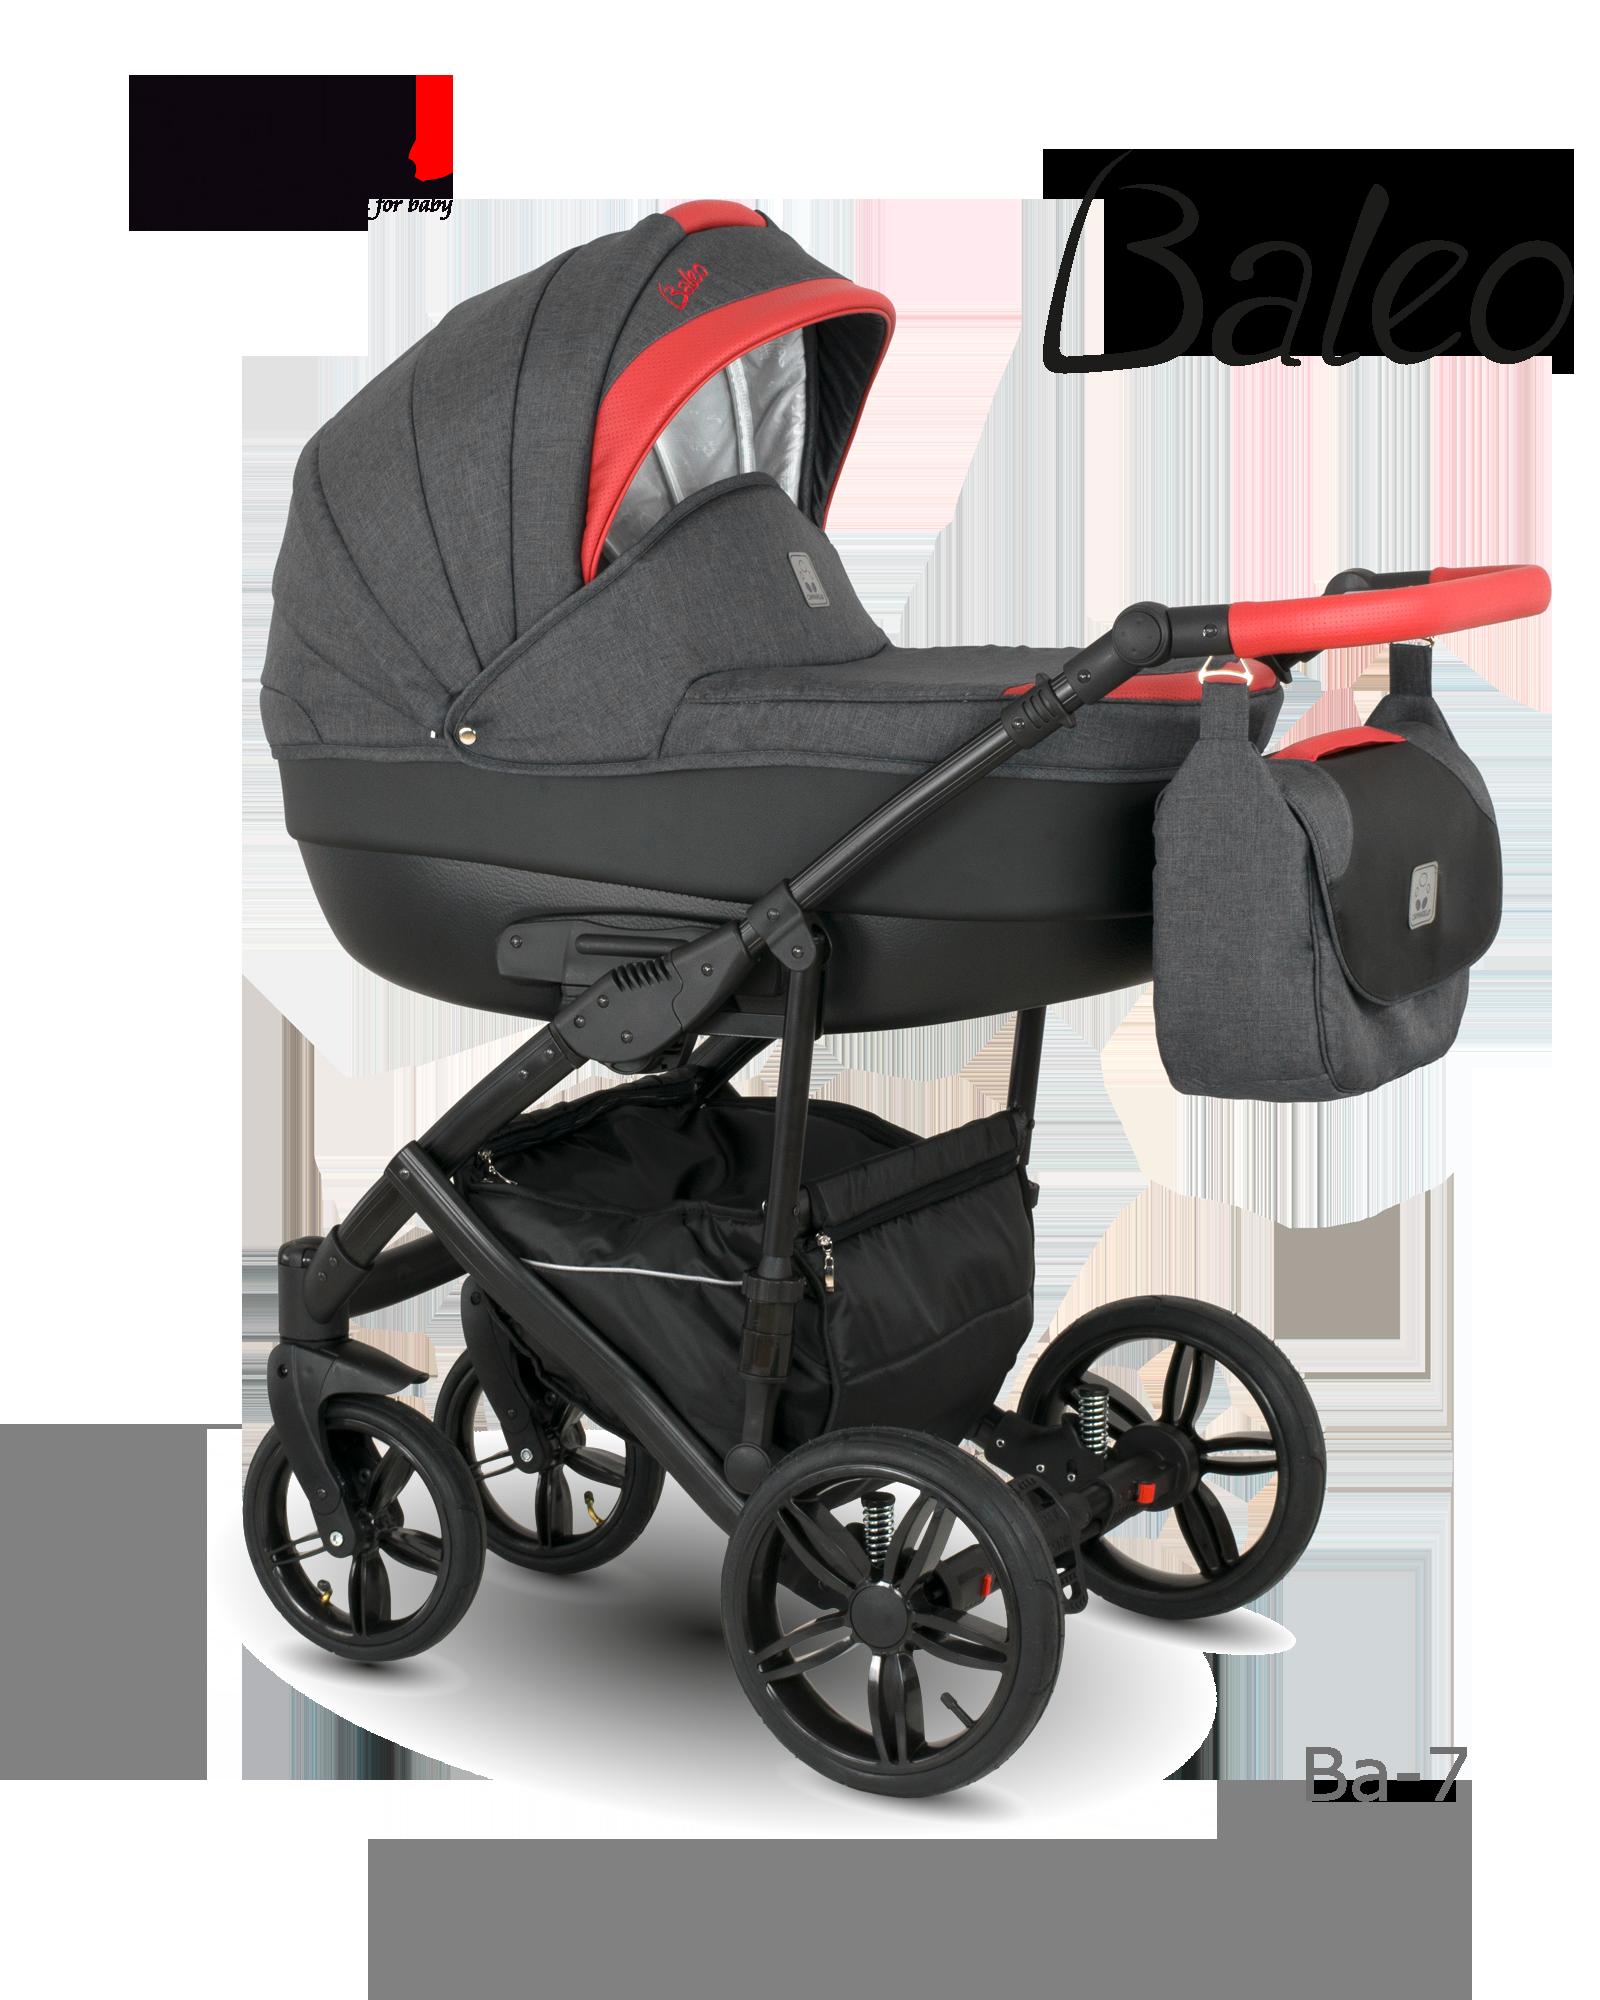 Baleo-Ba07a